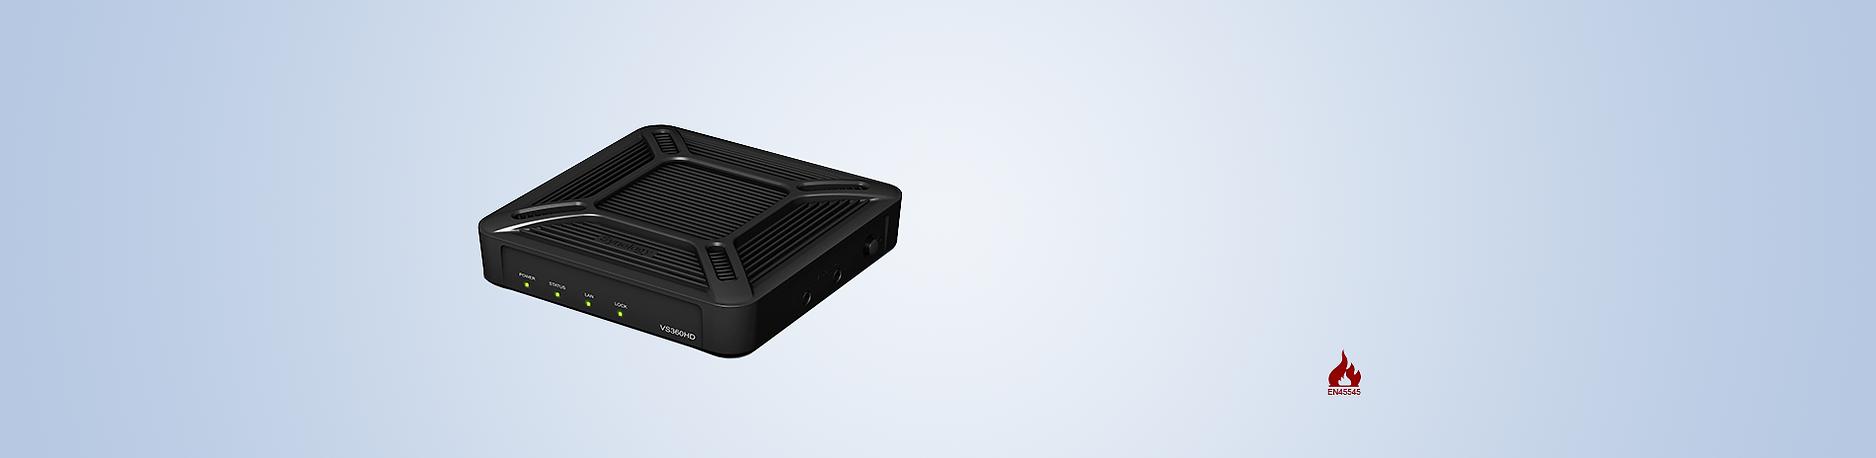 סינולוג'י VS360HD שרת NAS של סינולוג'י Surveillance Station מעקב ואבטחה